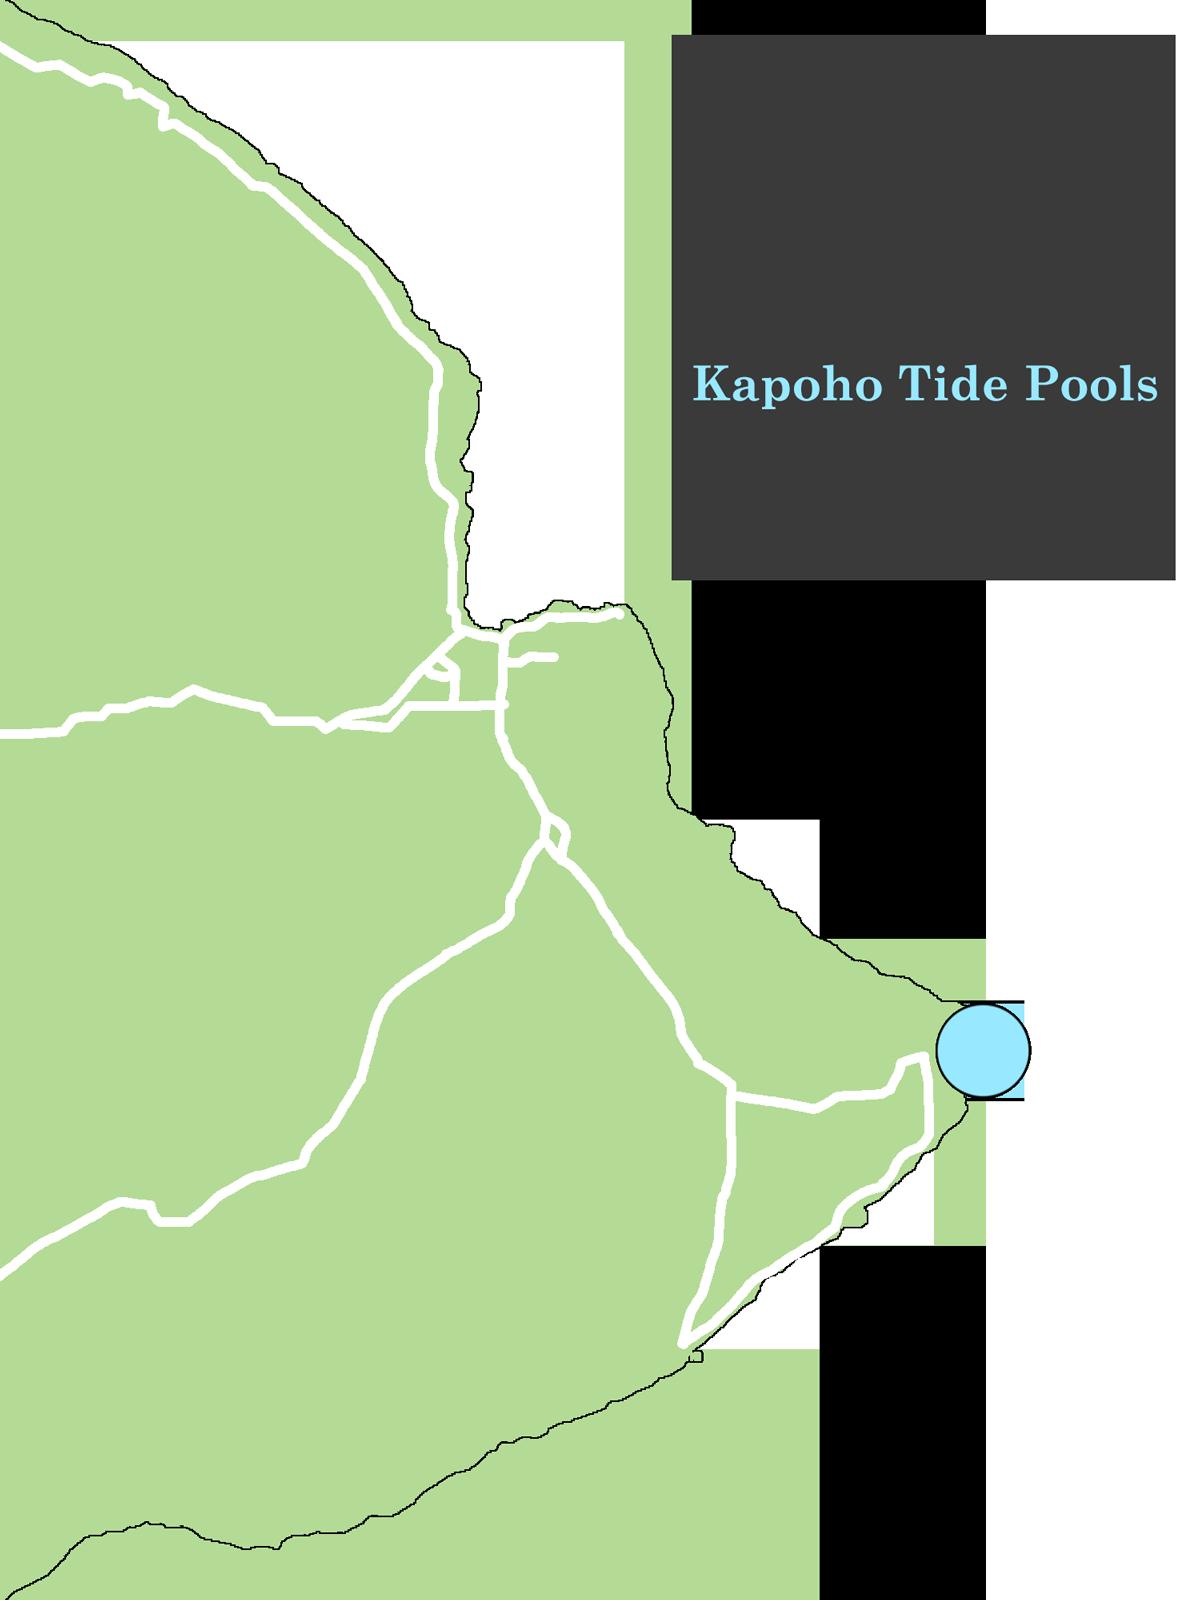 KapohoHiloMap.png